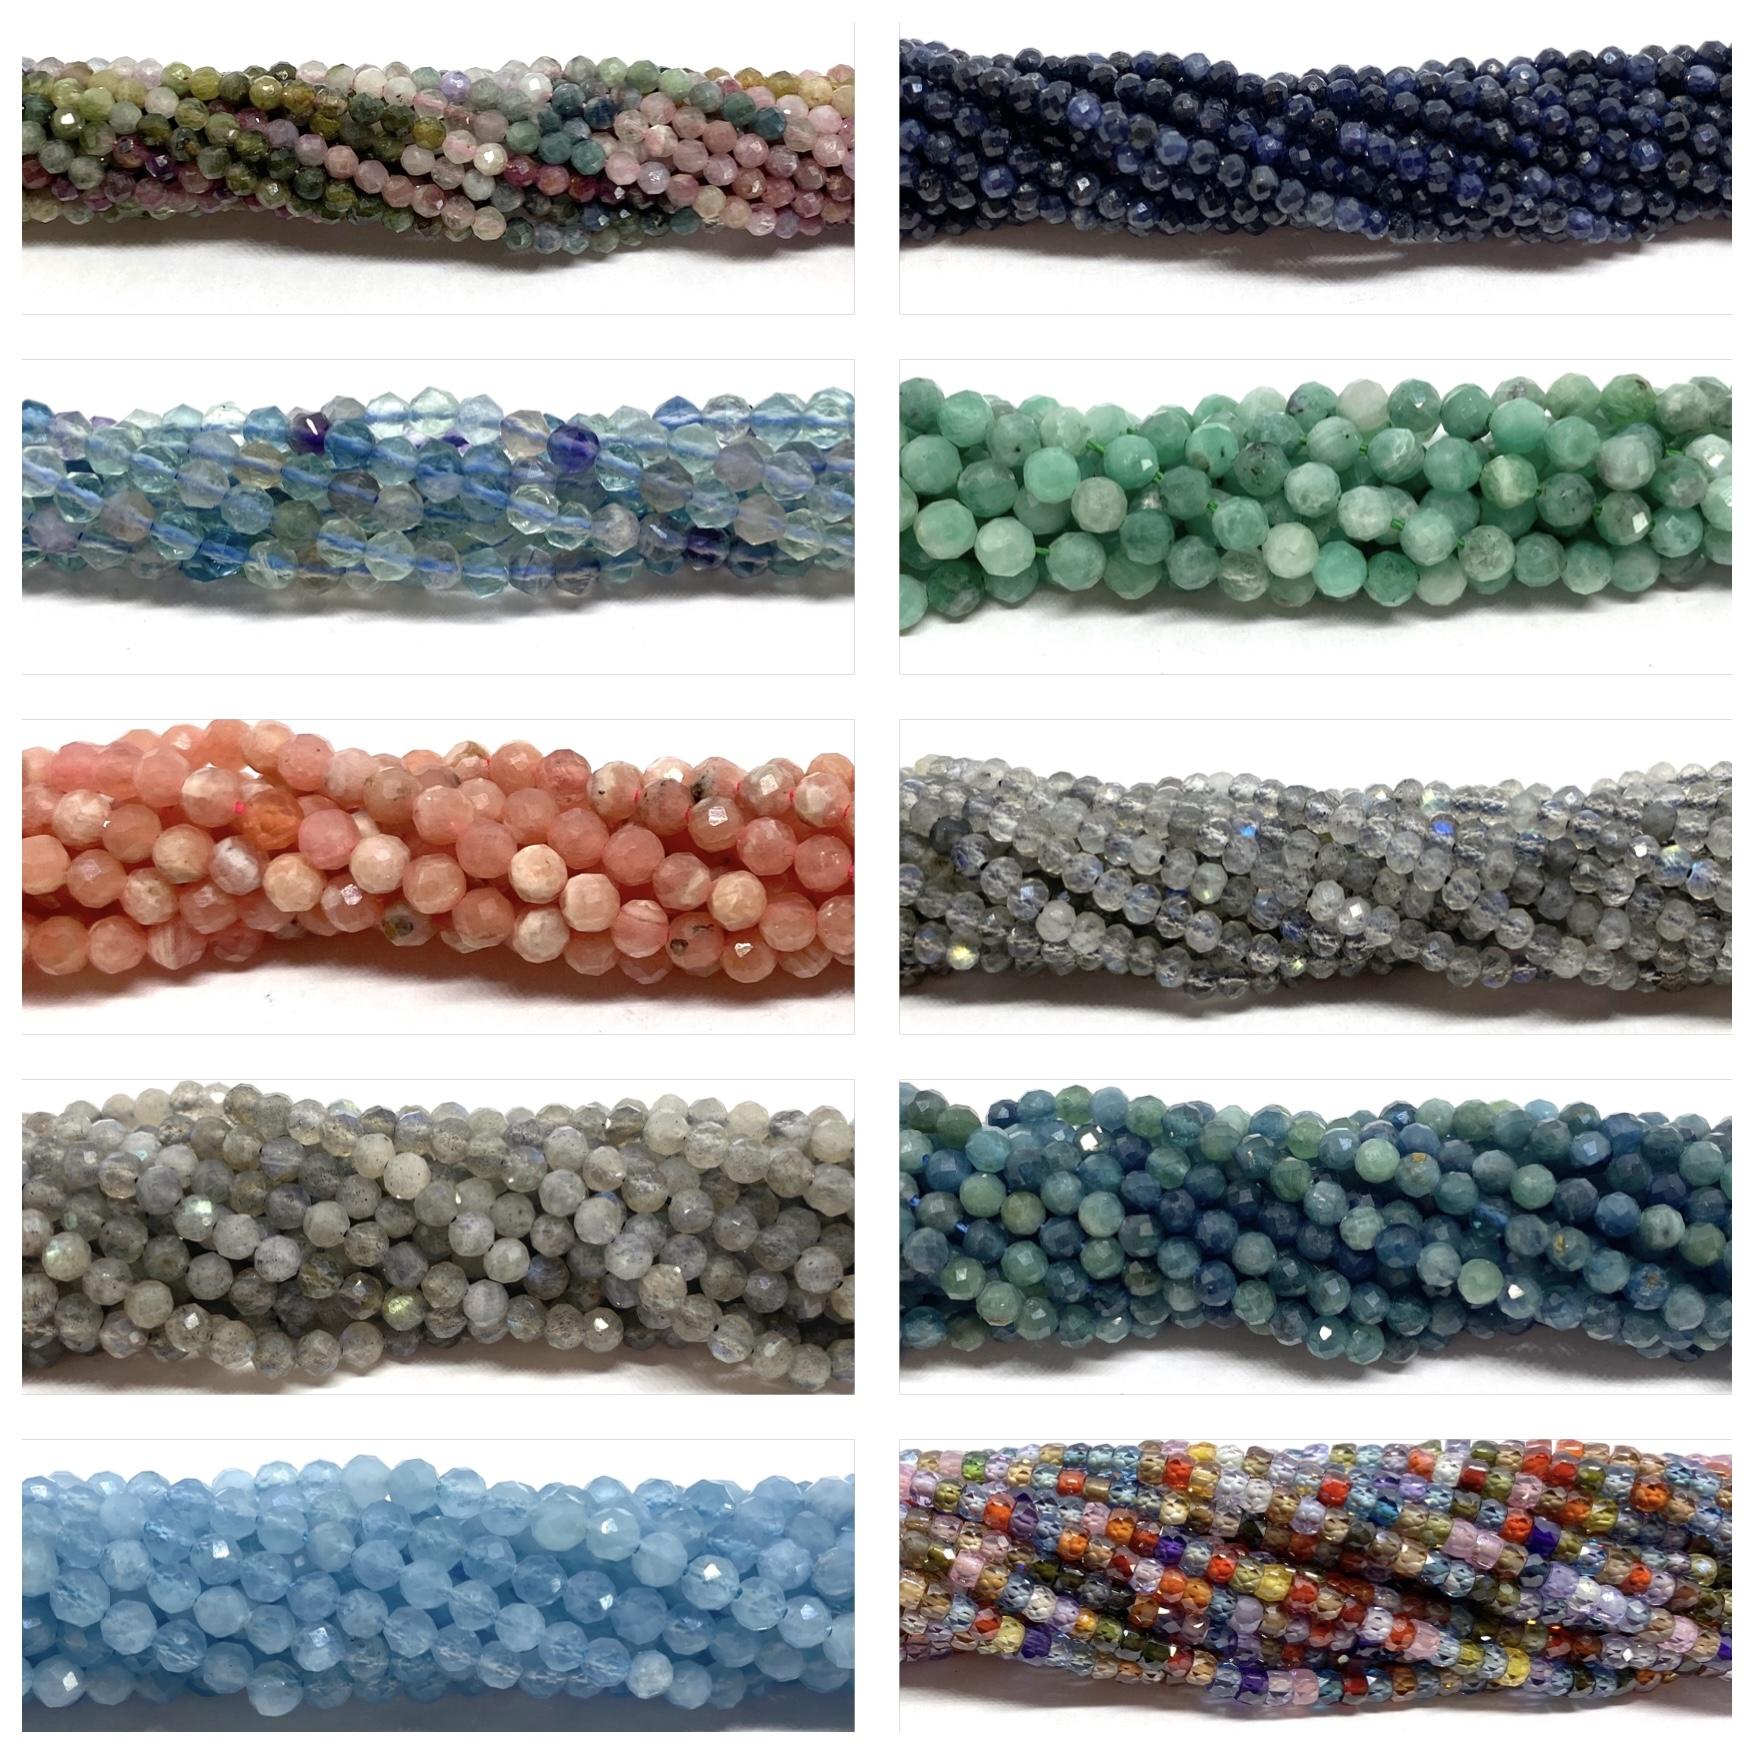 Ædelstens seed beads